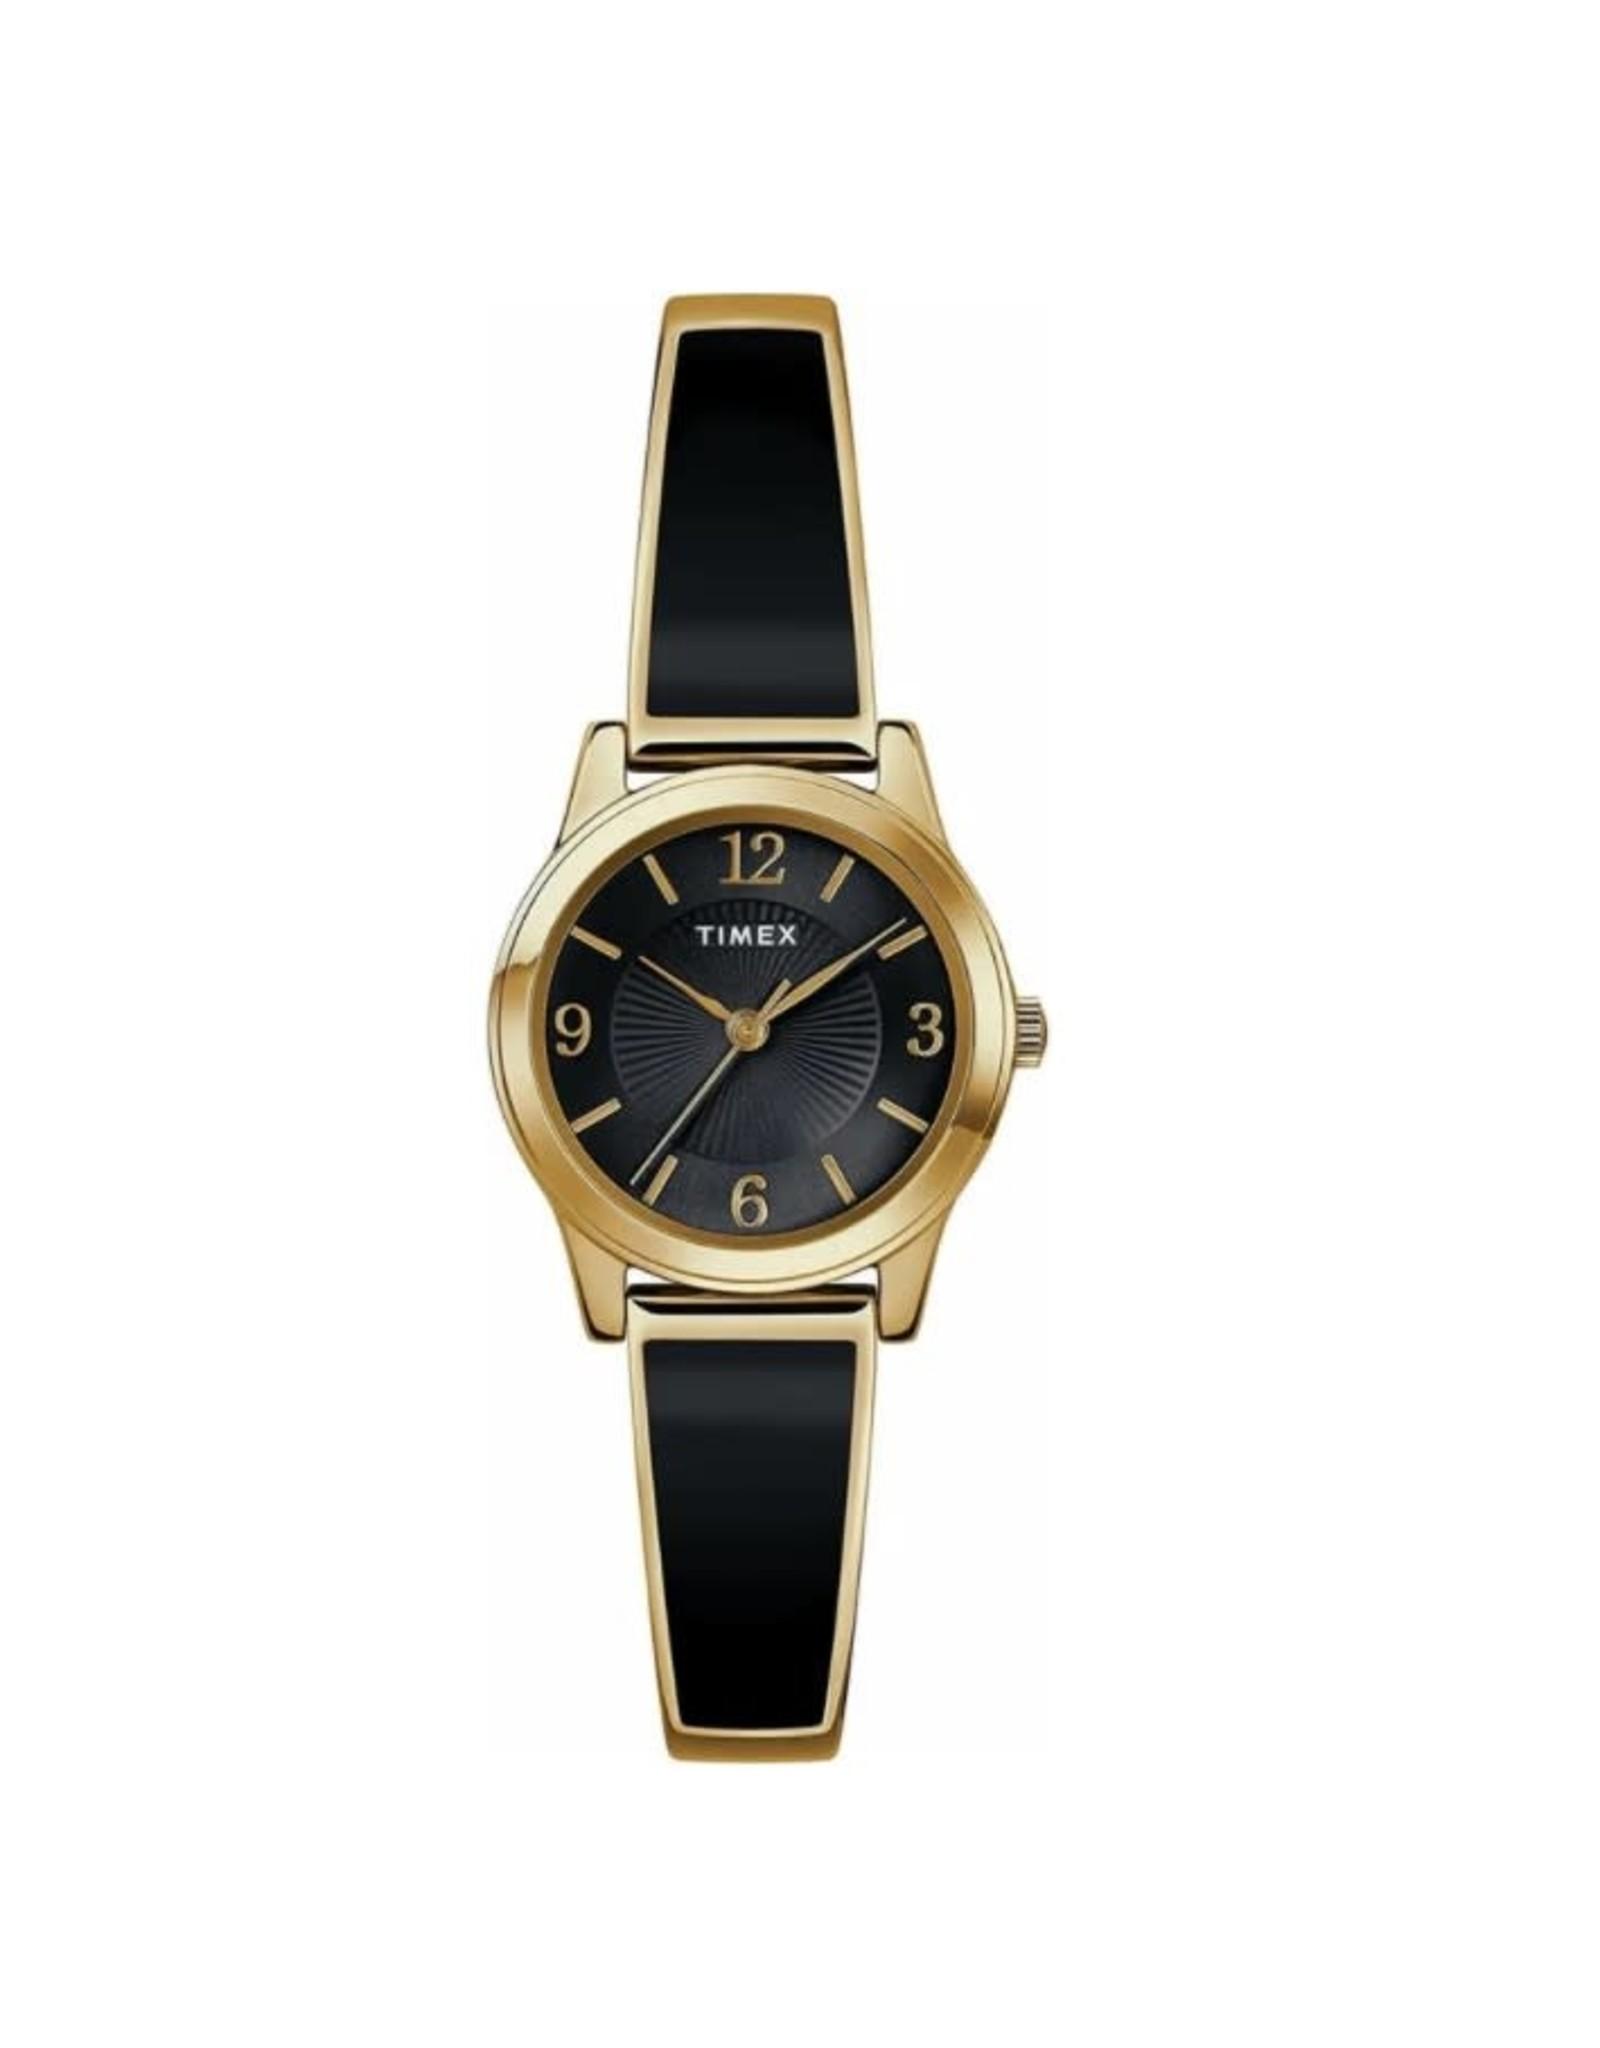 Timex Montre classique Timex noire et dorée